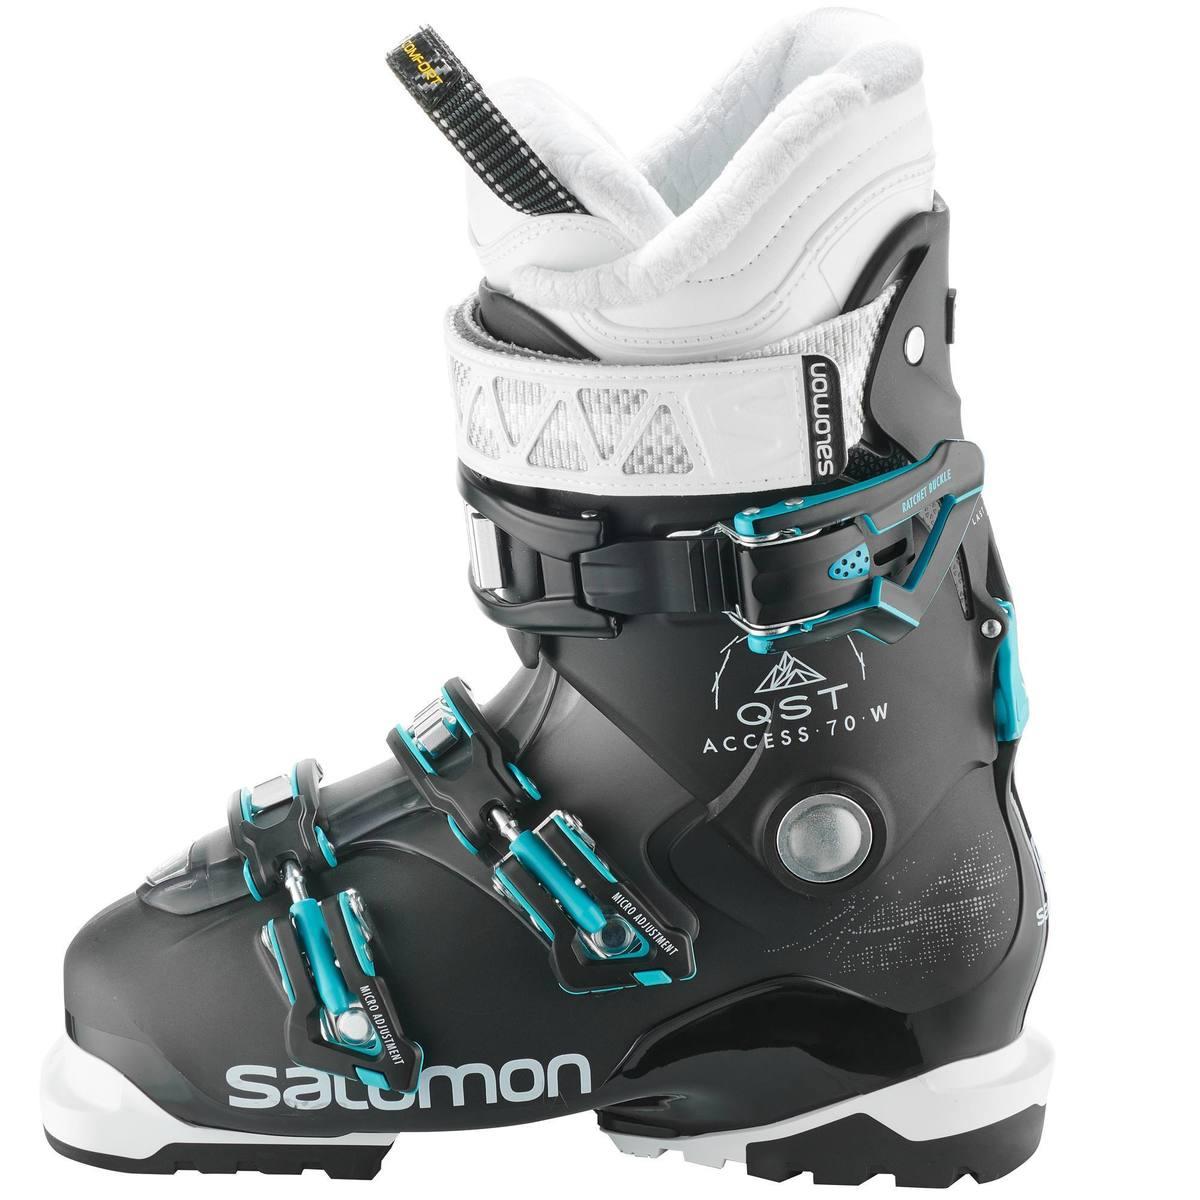 Bild 2 von Skischuhe All Mountain Quest Access 70 Damen